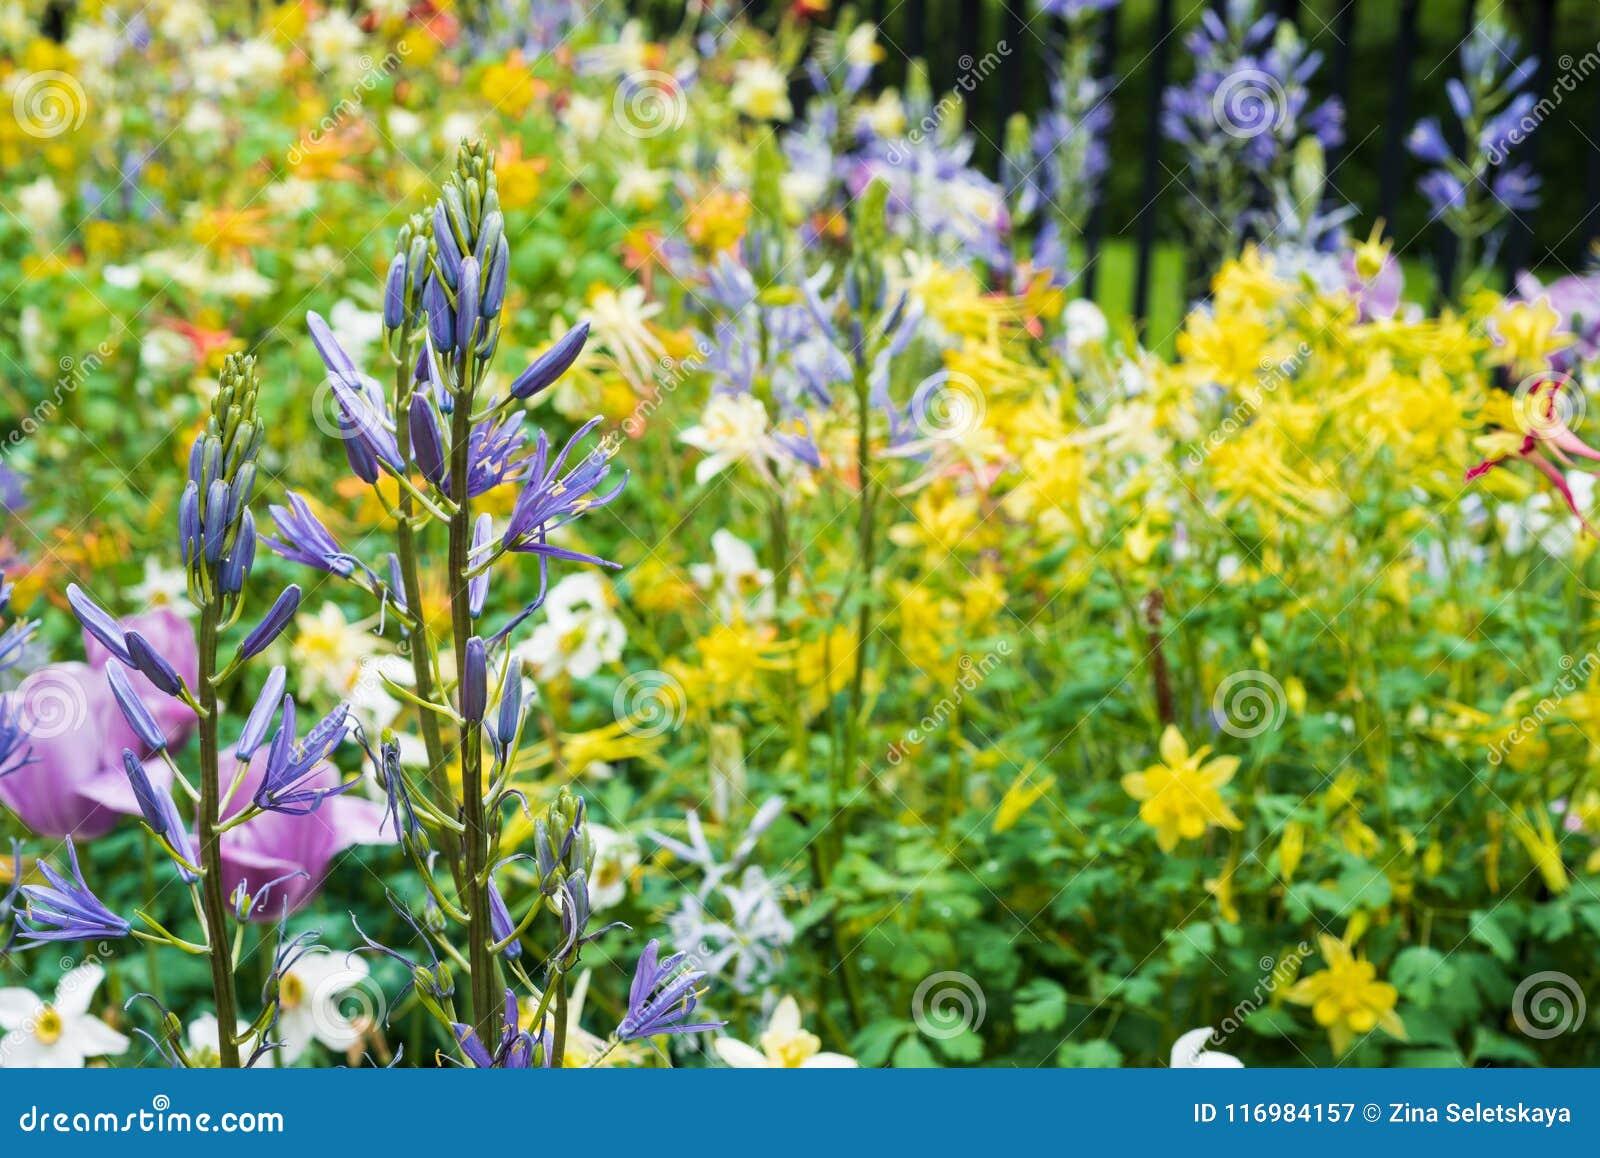 Fiori Gialli Normandia.Campo Di Piccoli Fiori Gialli Con I Fiori Viola Su Priorita Alta